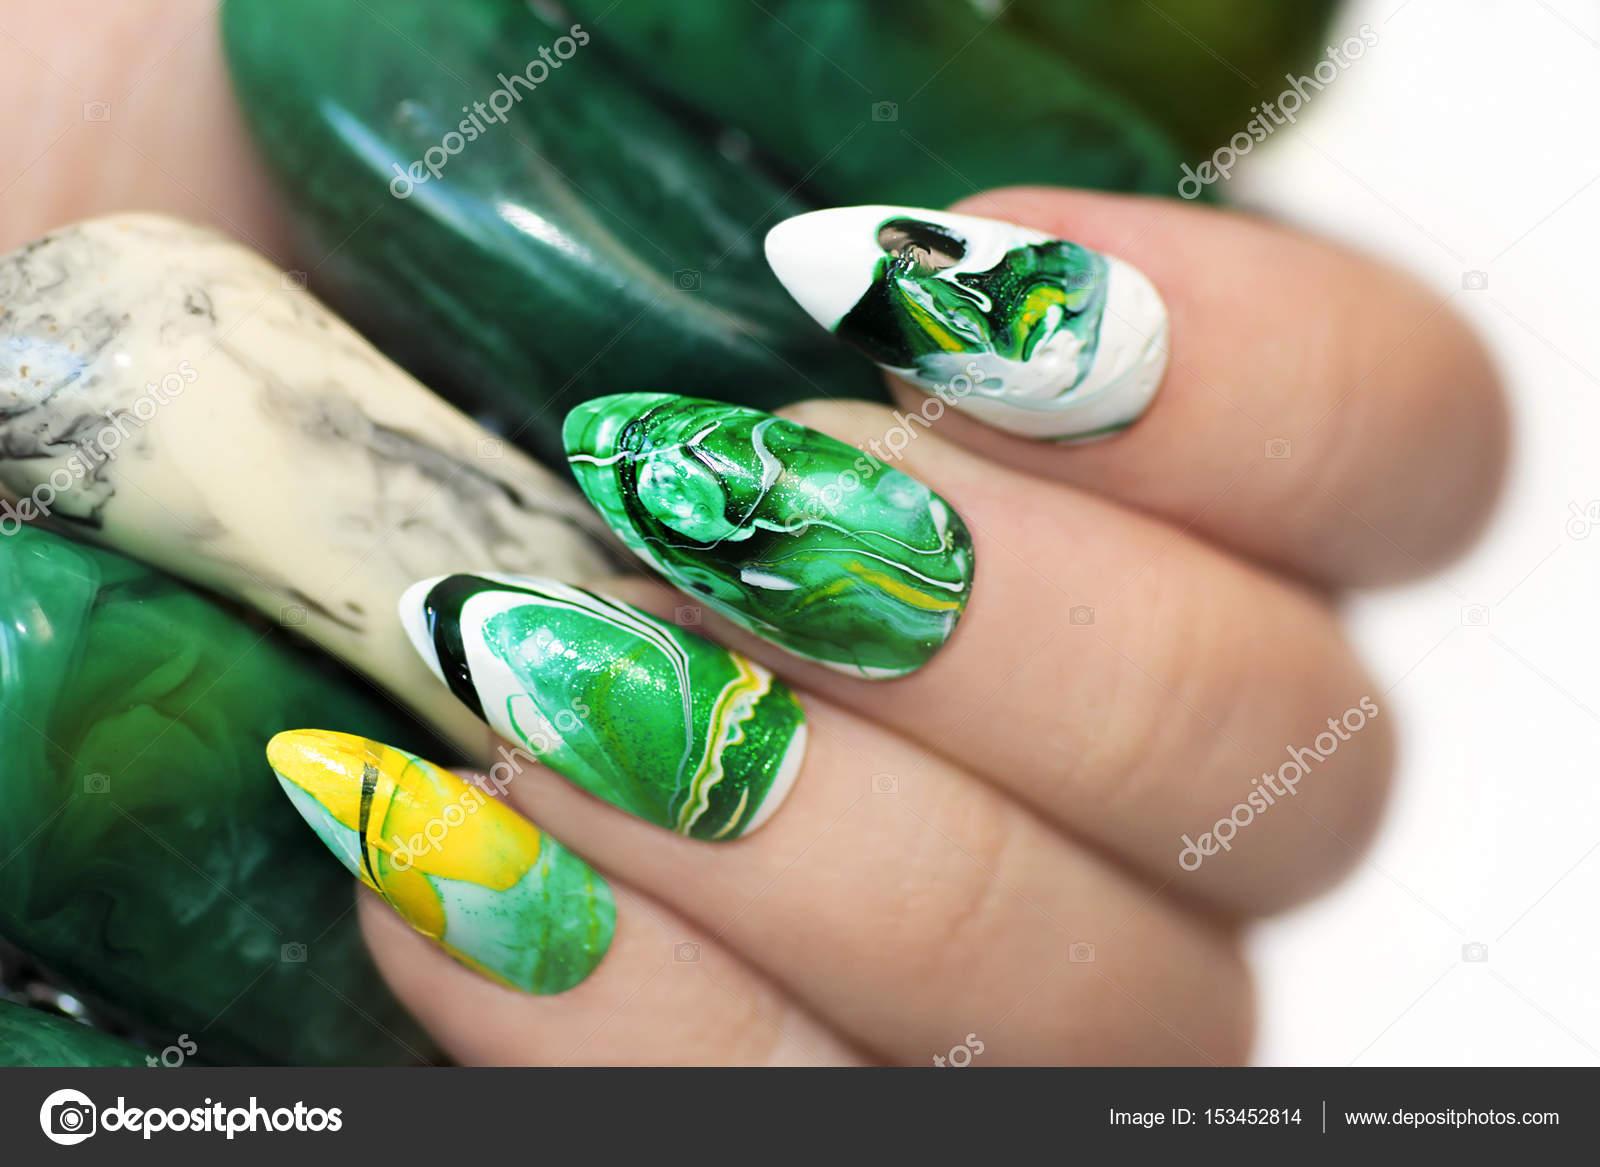 Diseño de uñas de piedra — Foto de stock © marigo #153452814